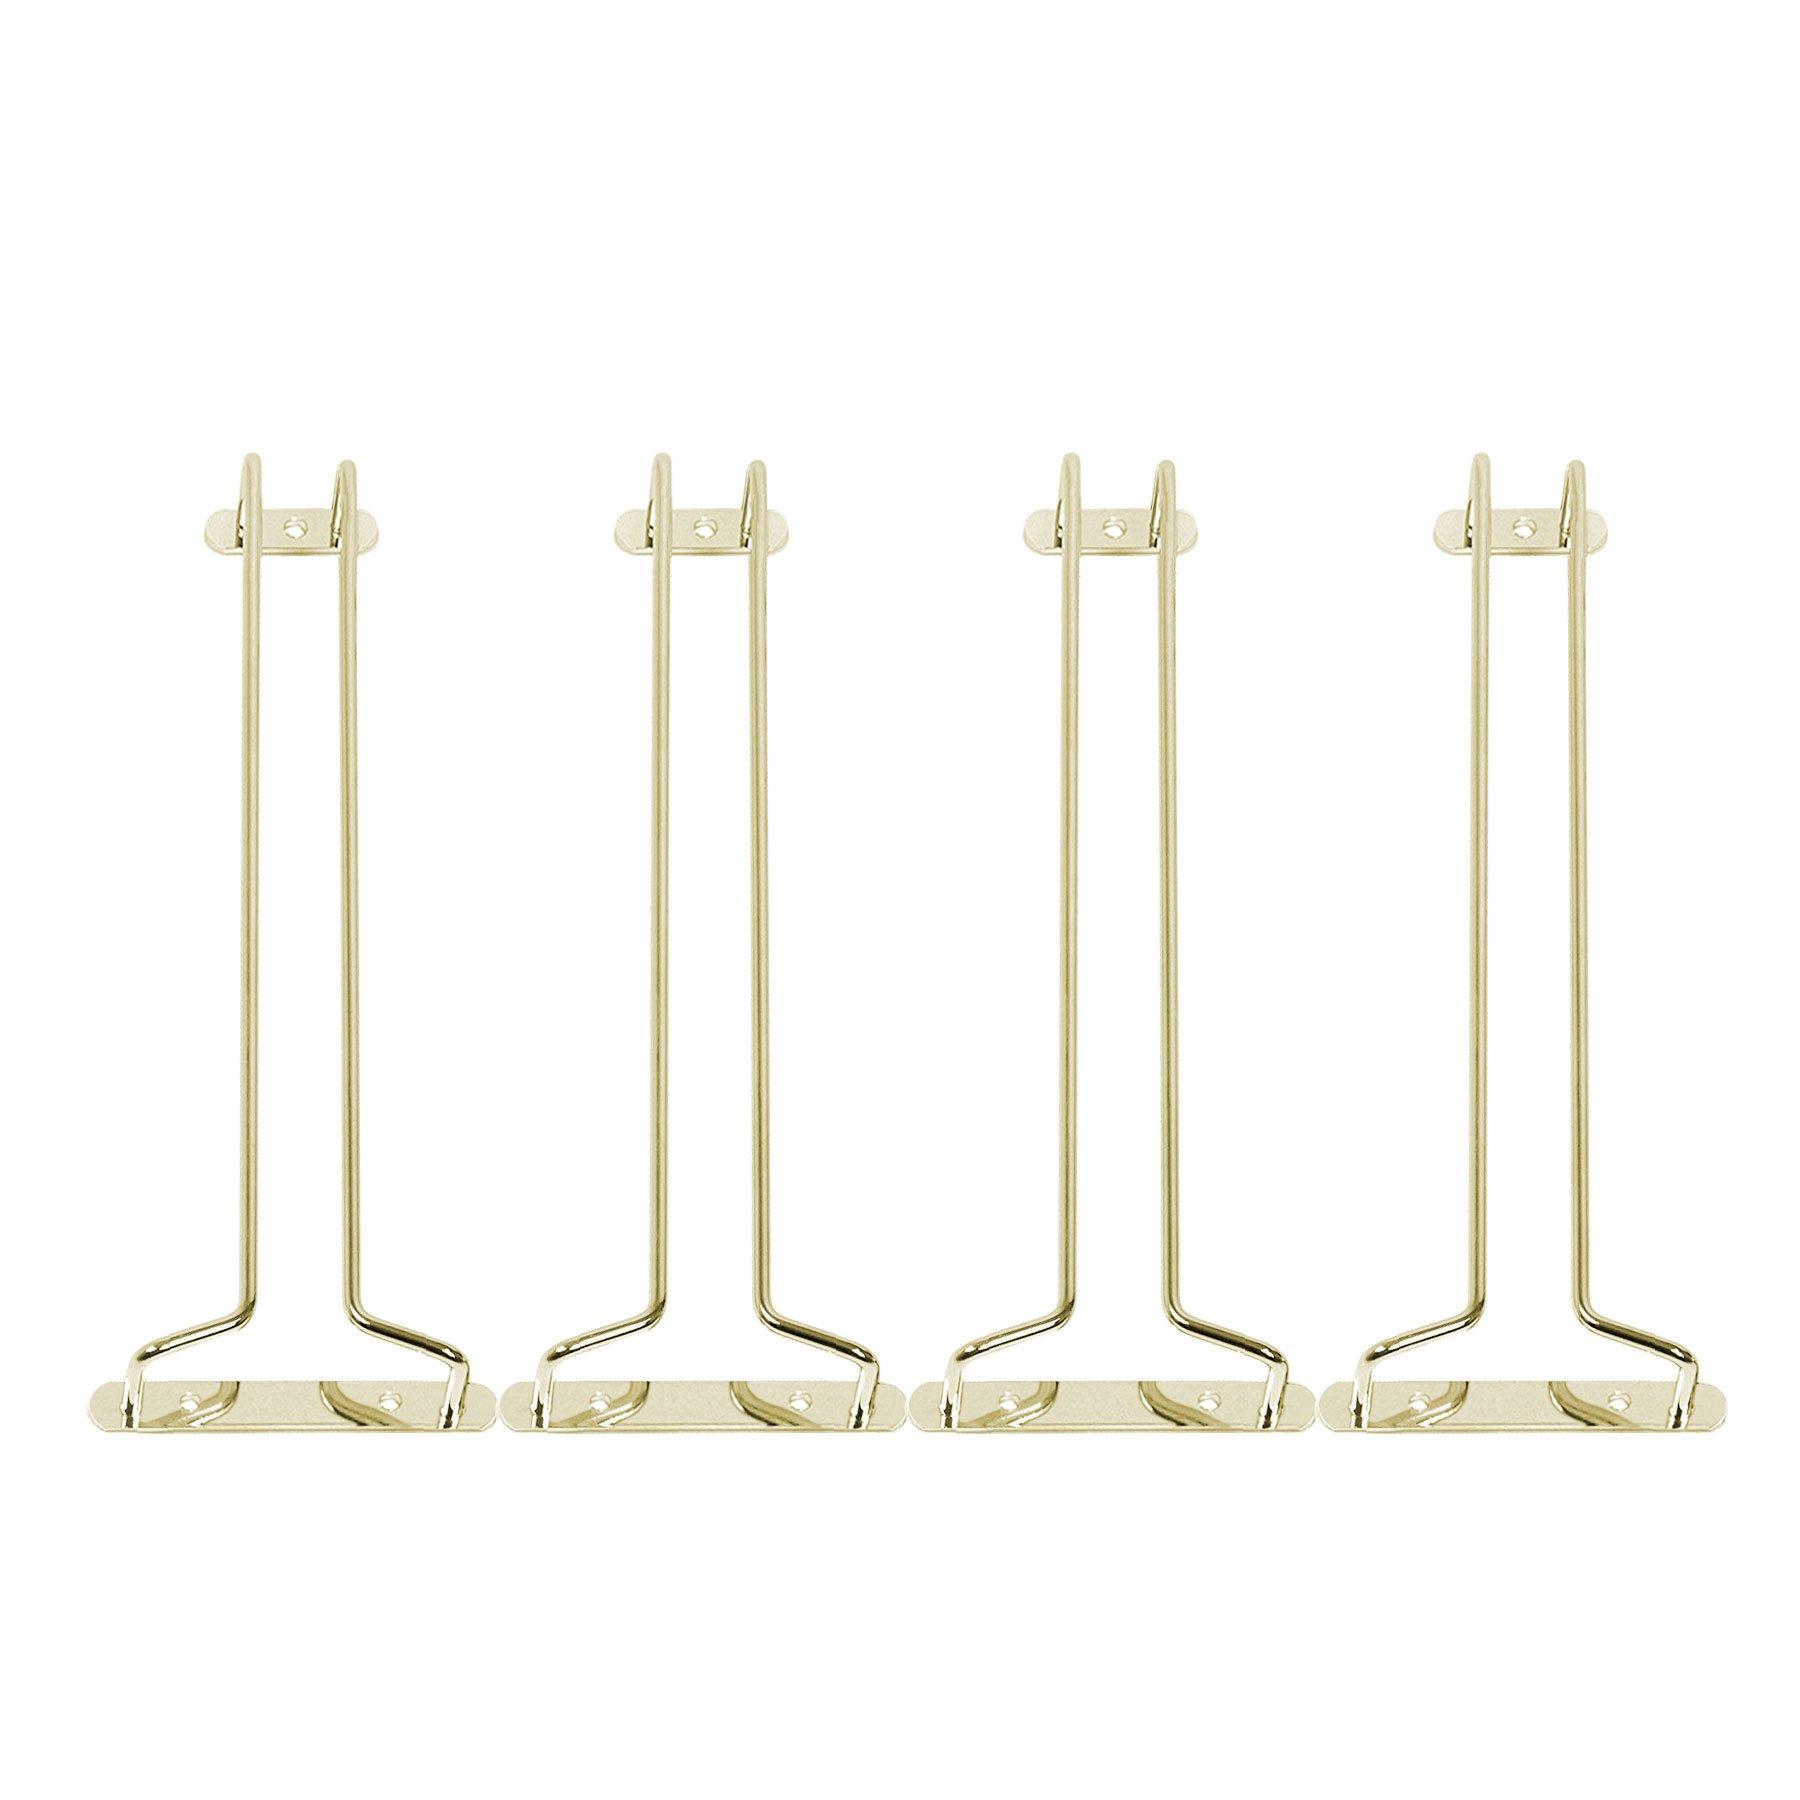 KegWorks Stemware Glass Hanger Racks - Polished Brass - 10''L - Set of 4